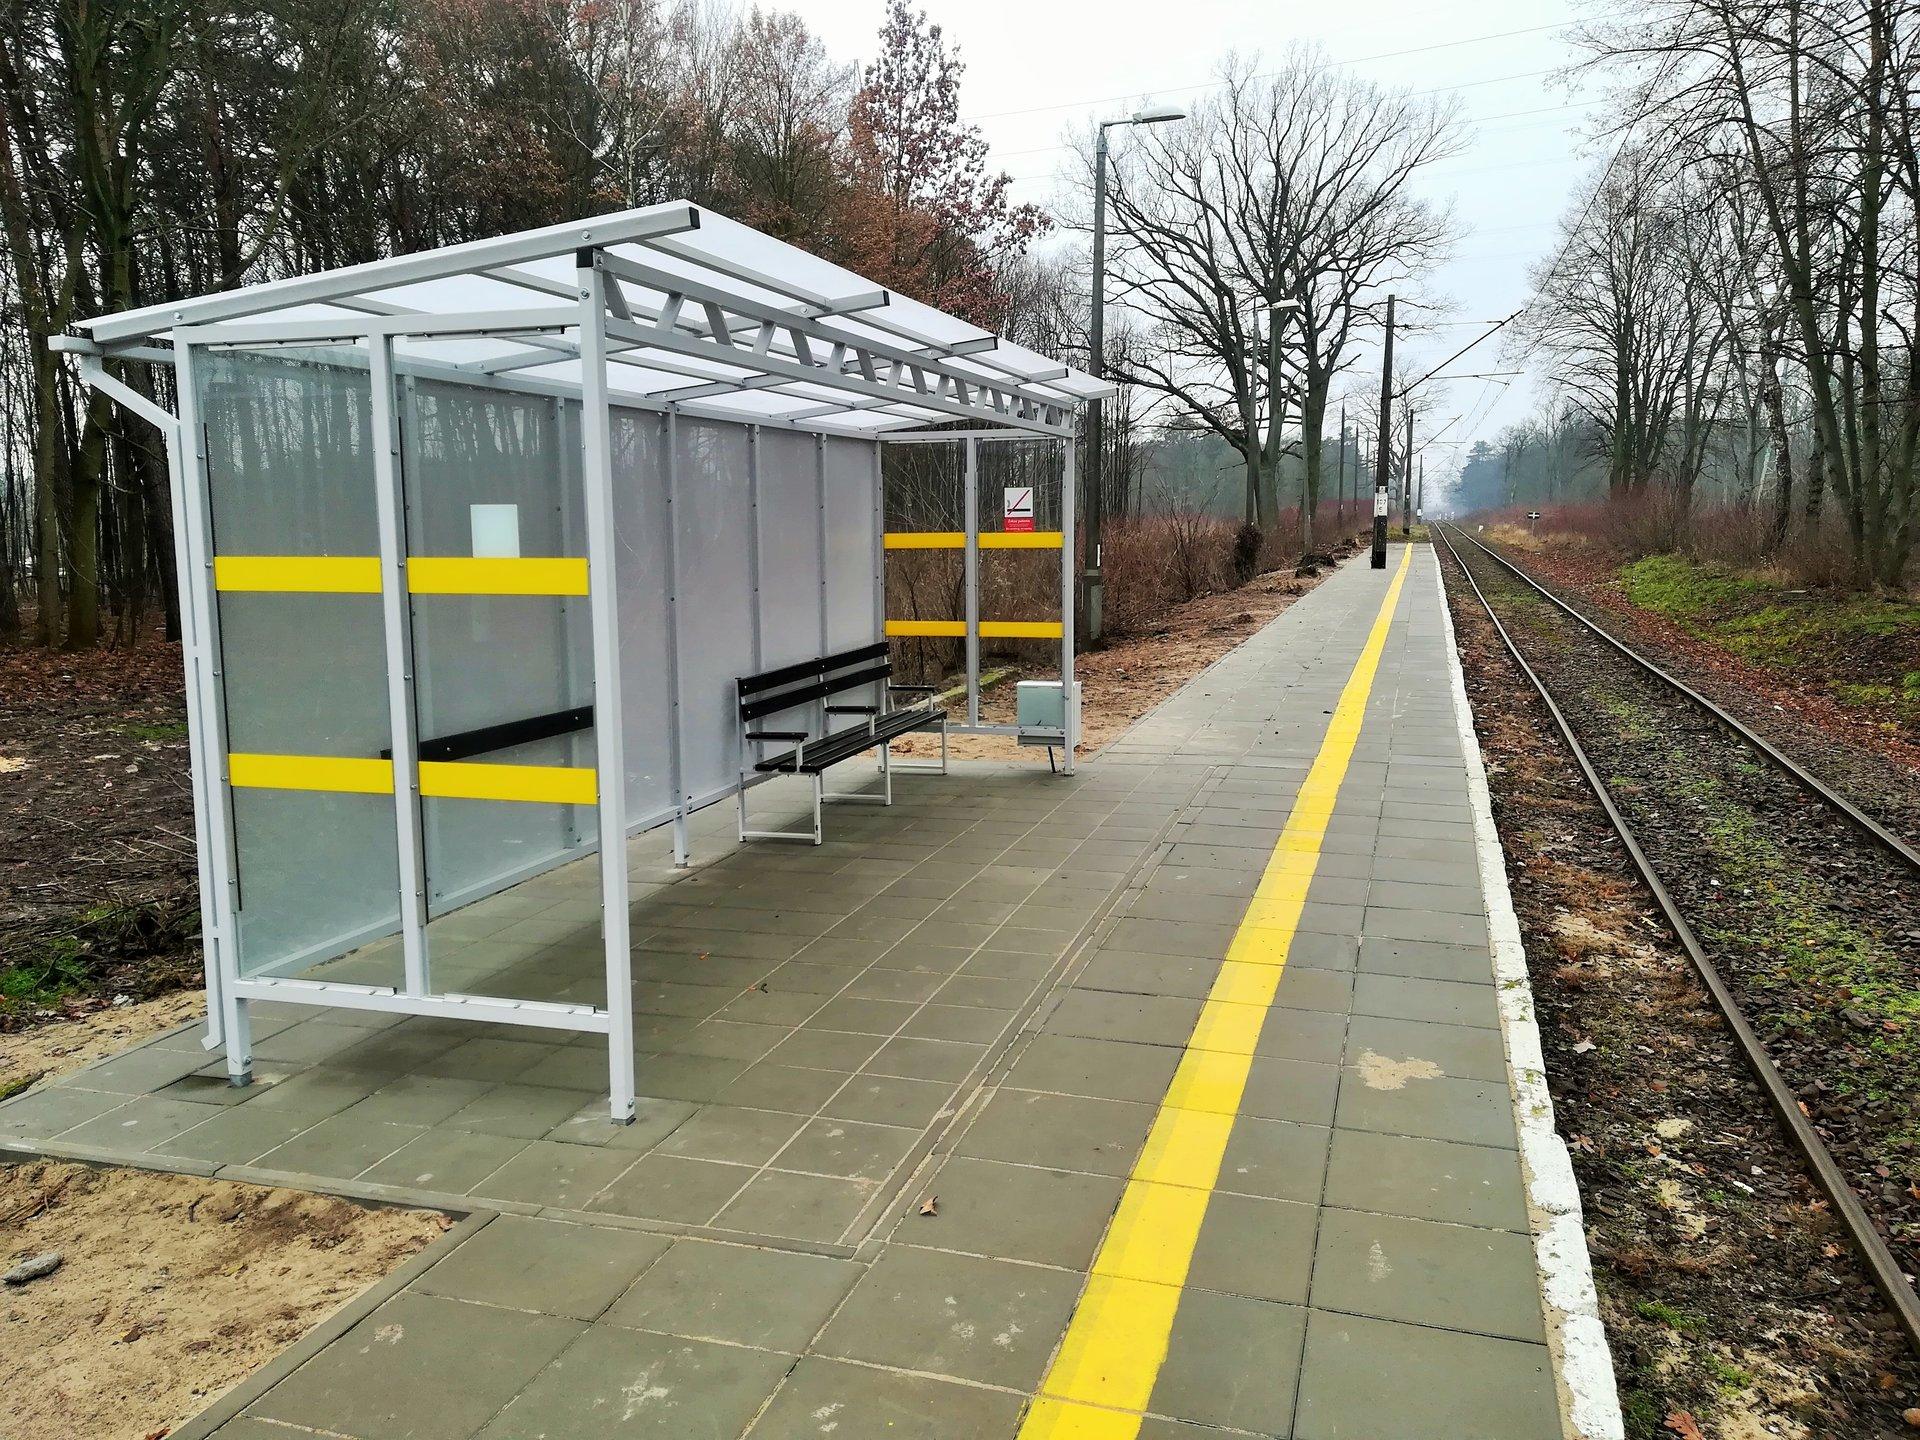 Pod koniec roku odnowiono peron i postawiono nową wiatę na przystanku kolejowym Bydgoszcz Brdyujście (fot. plk-sa.pl)